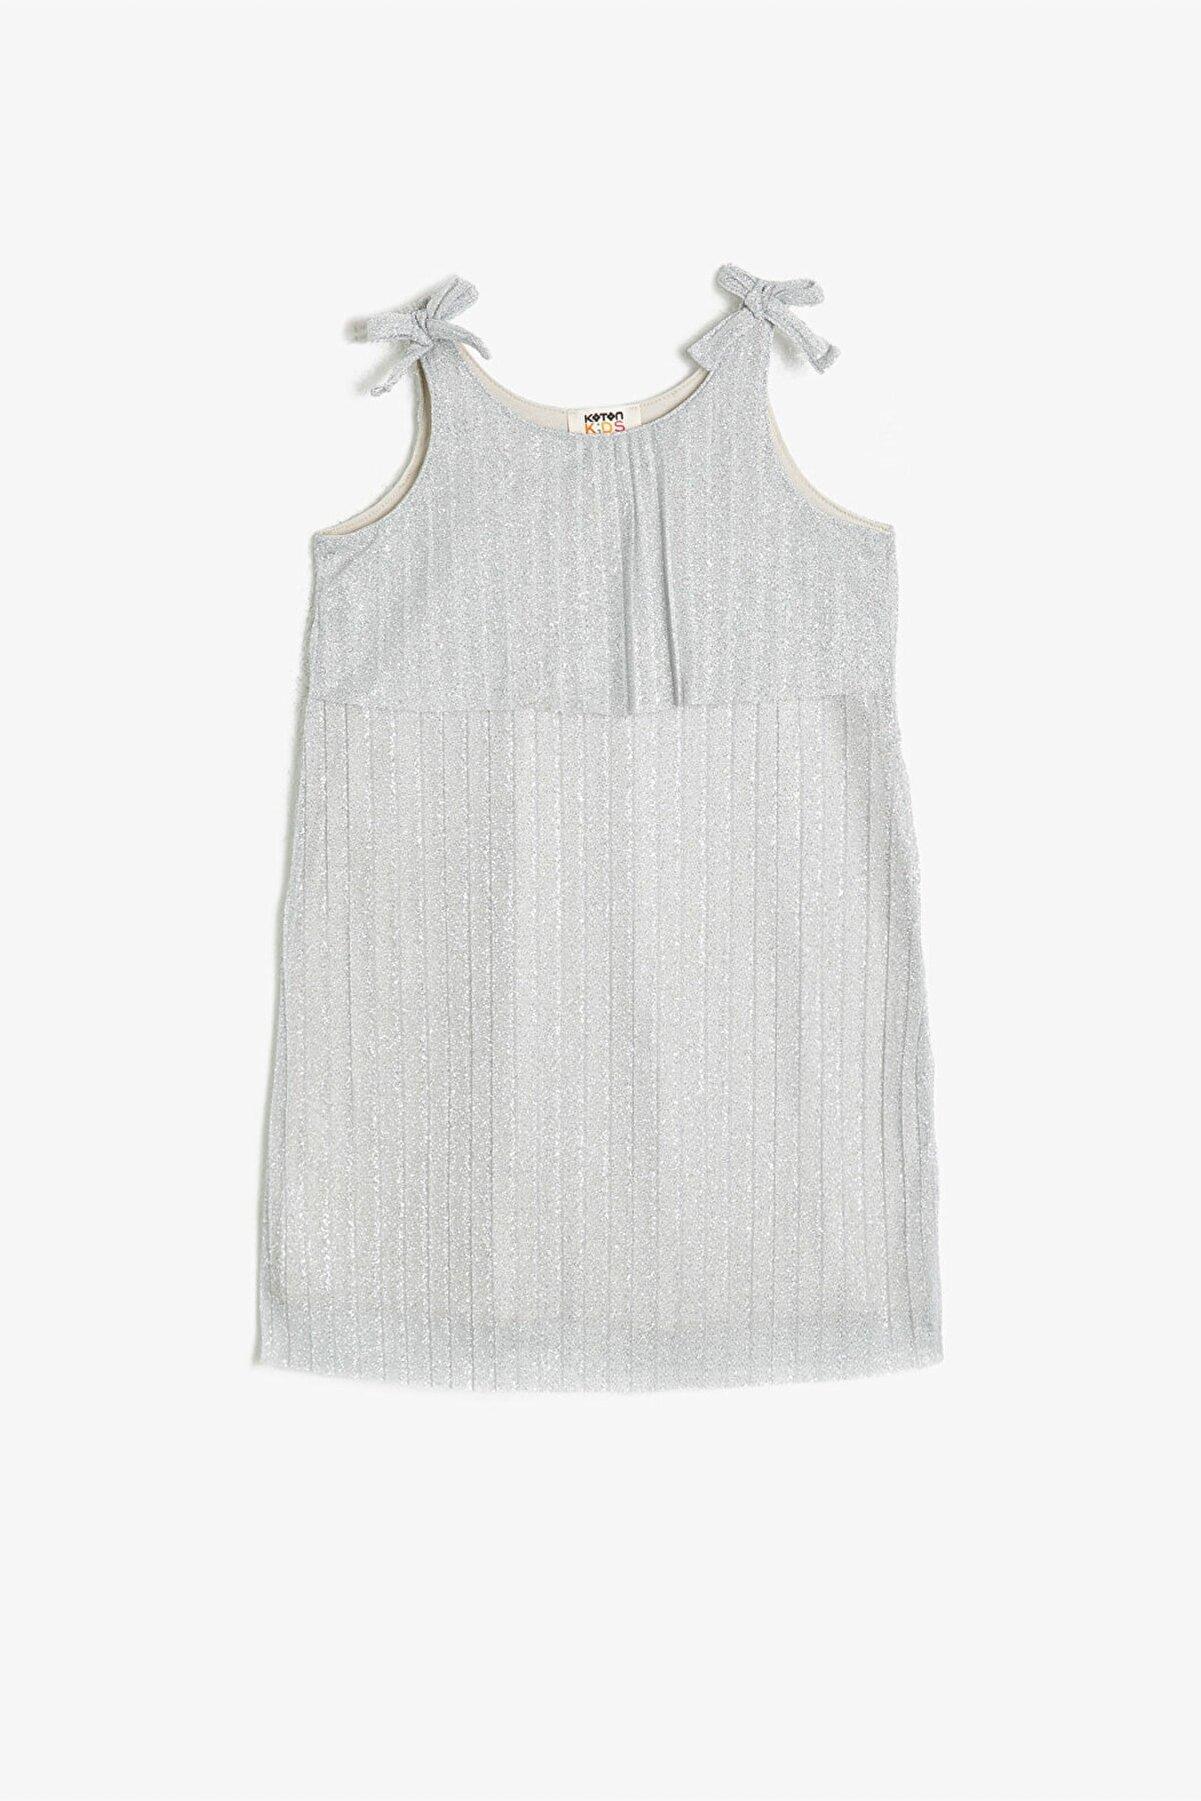 Koton Gümüş Kız Çocuk Elbise